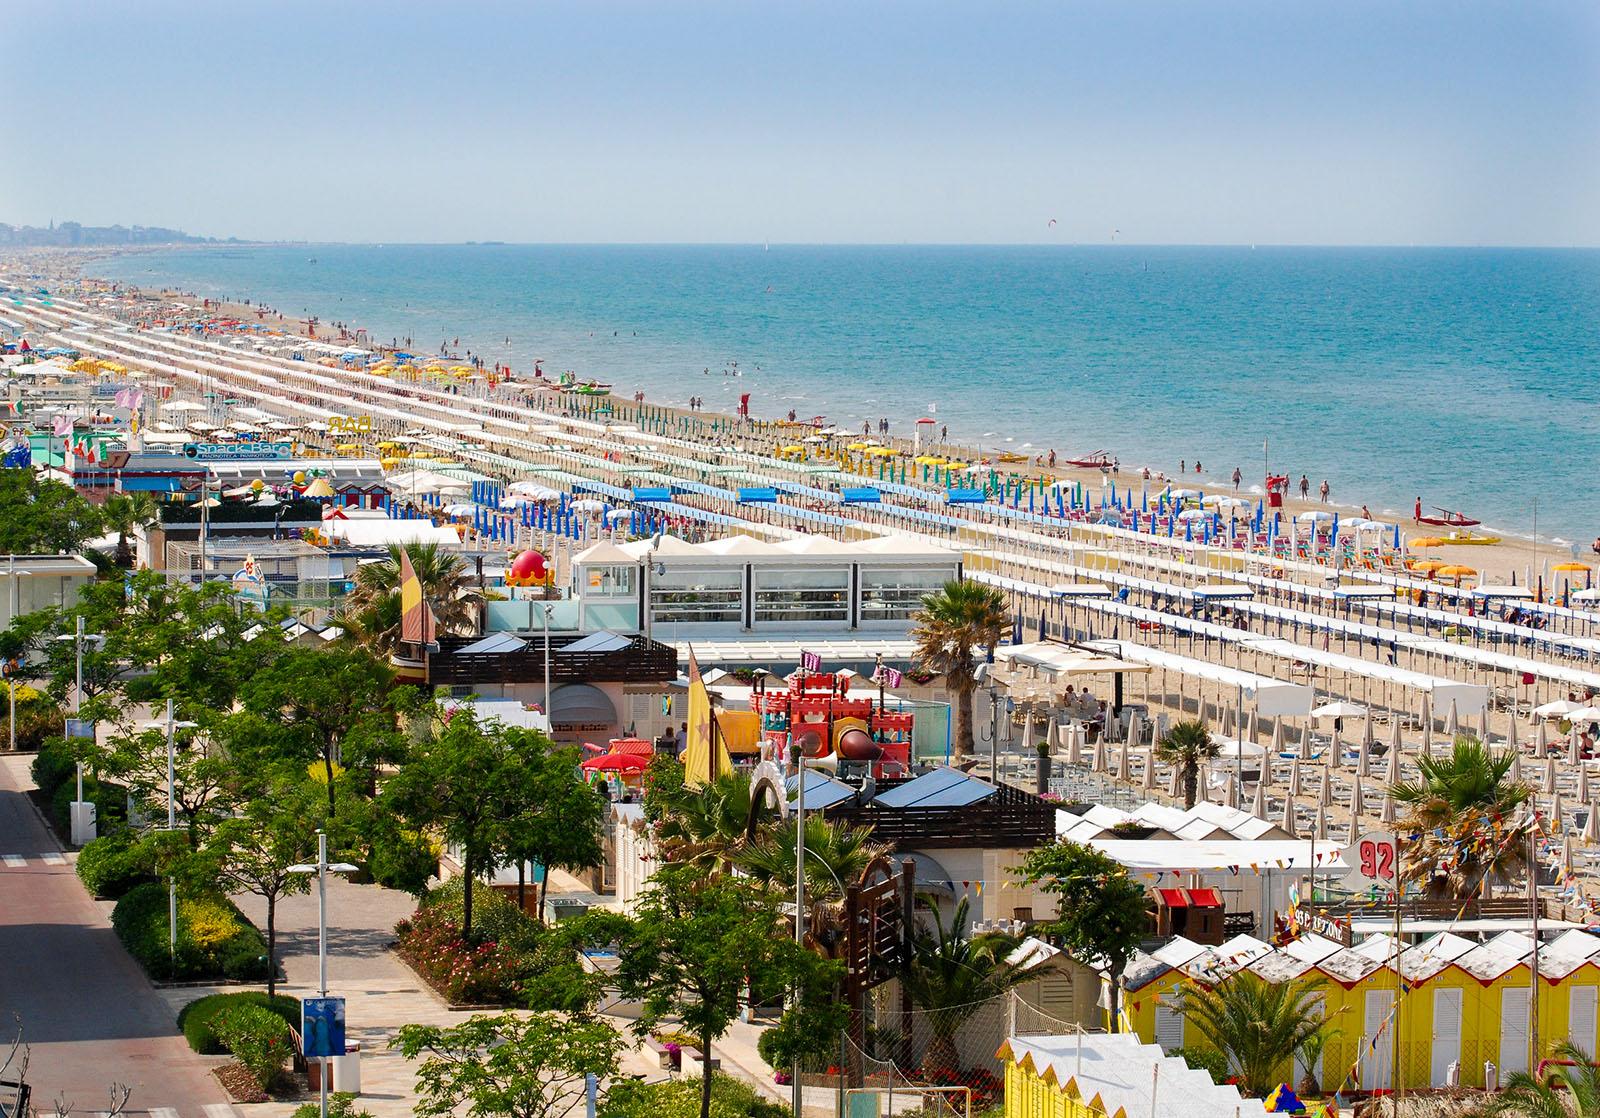 Residence riccione appartamenti sul mare con piscina - Residence riccione con piscina ...